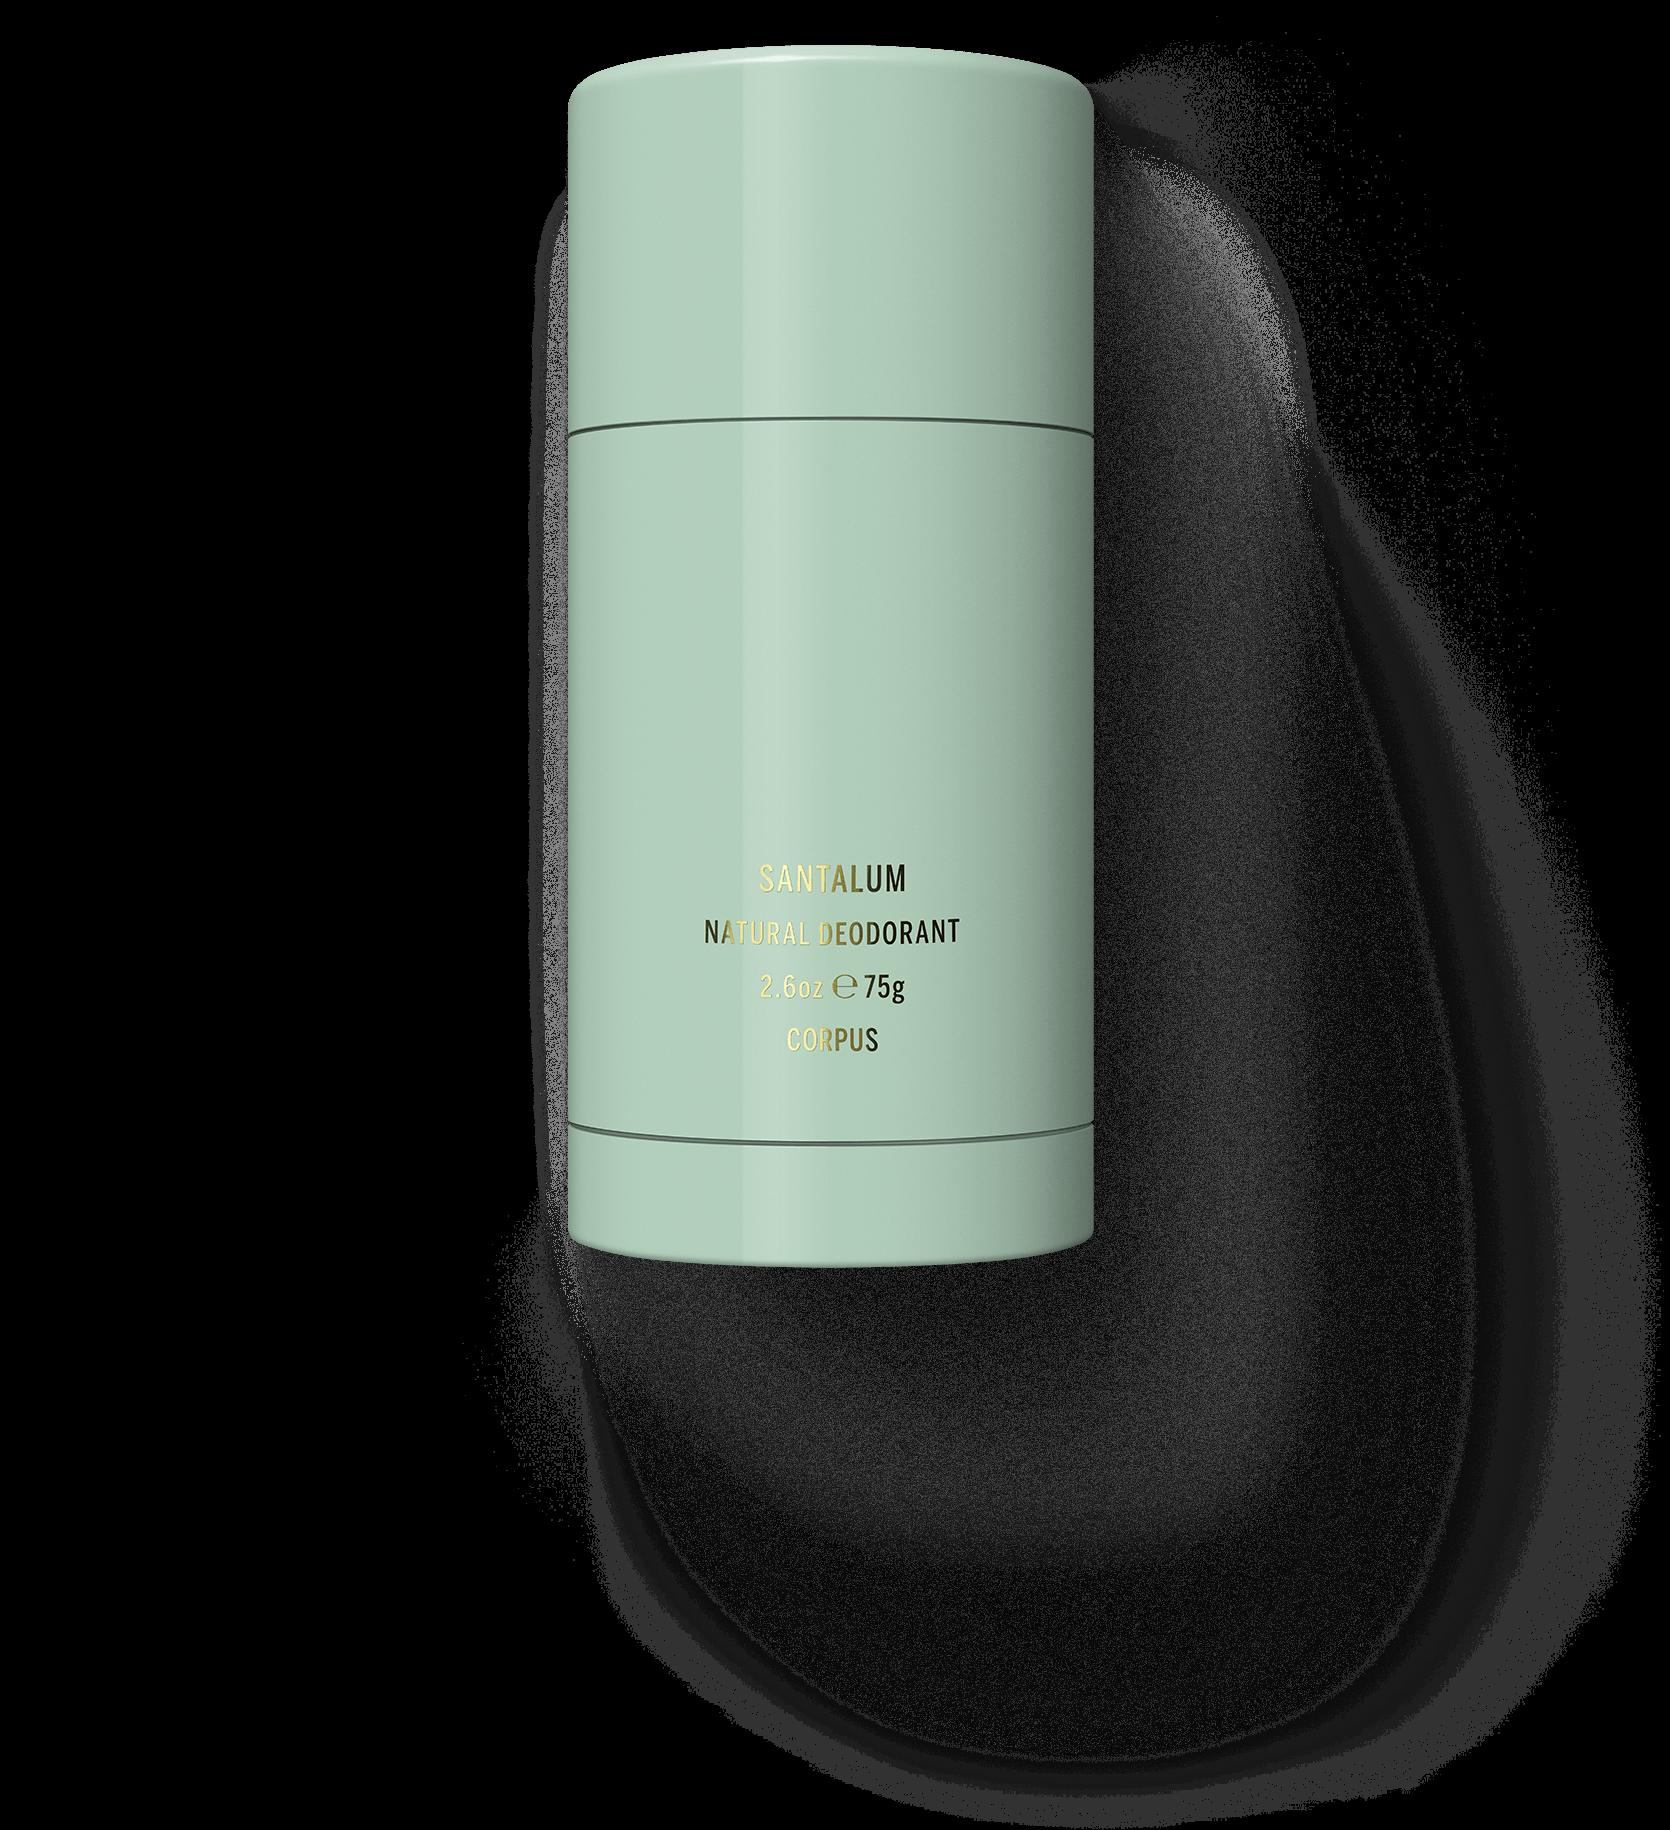 Corpus Naturals Natural Santalum Deodorant  , $22